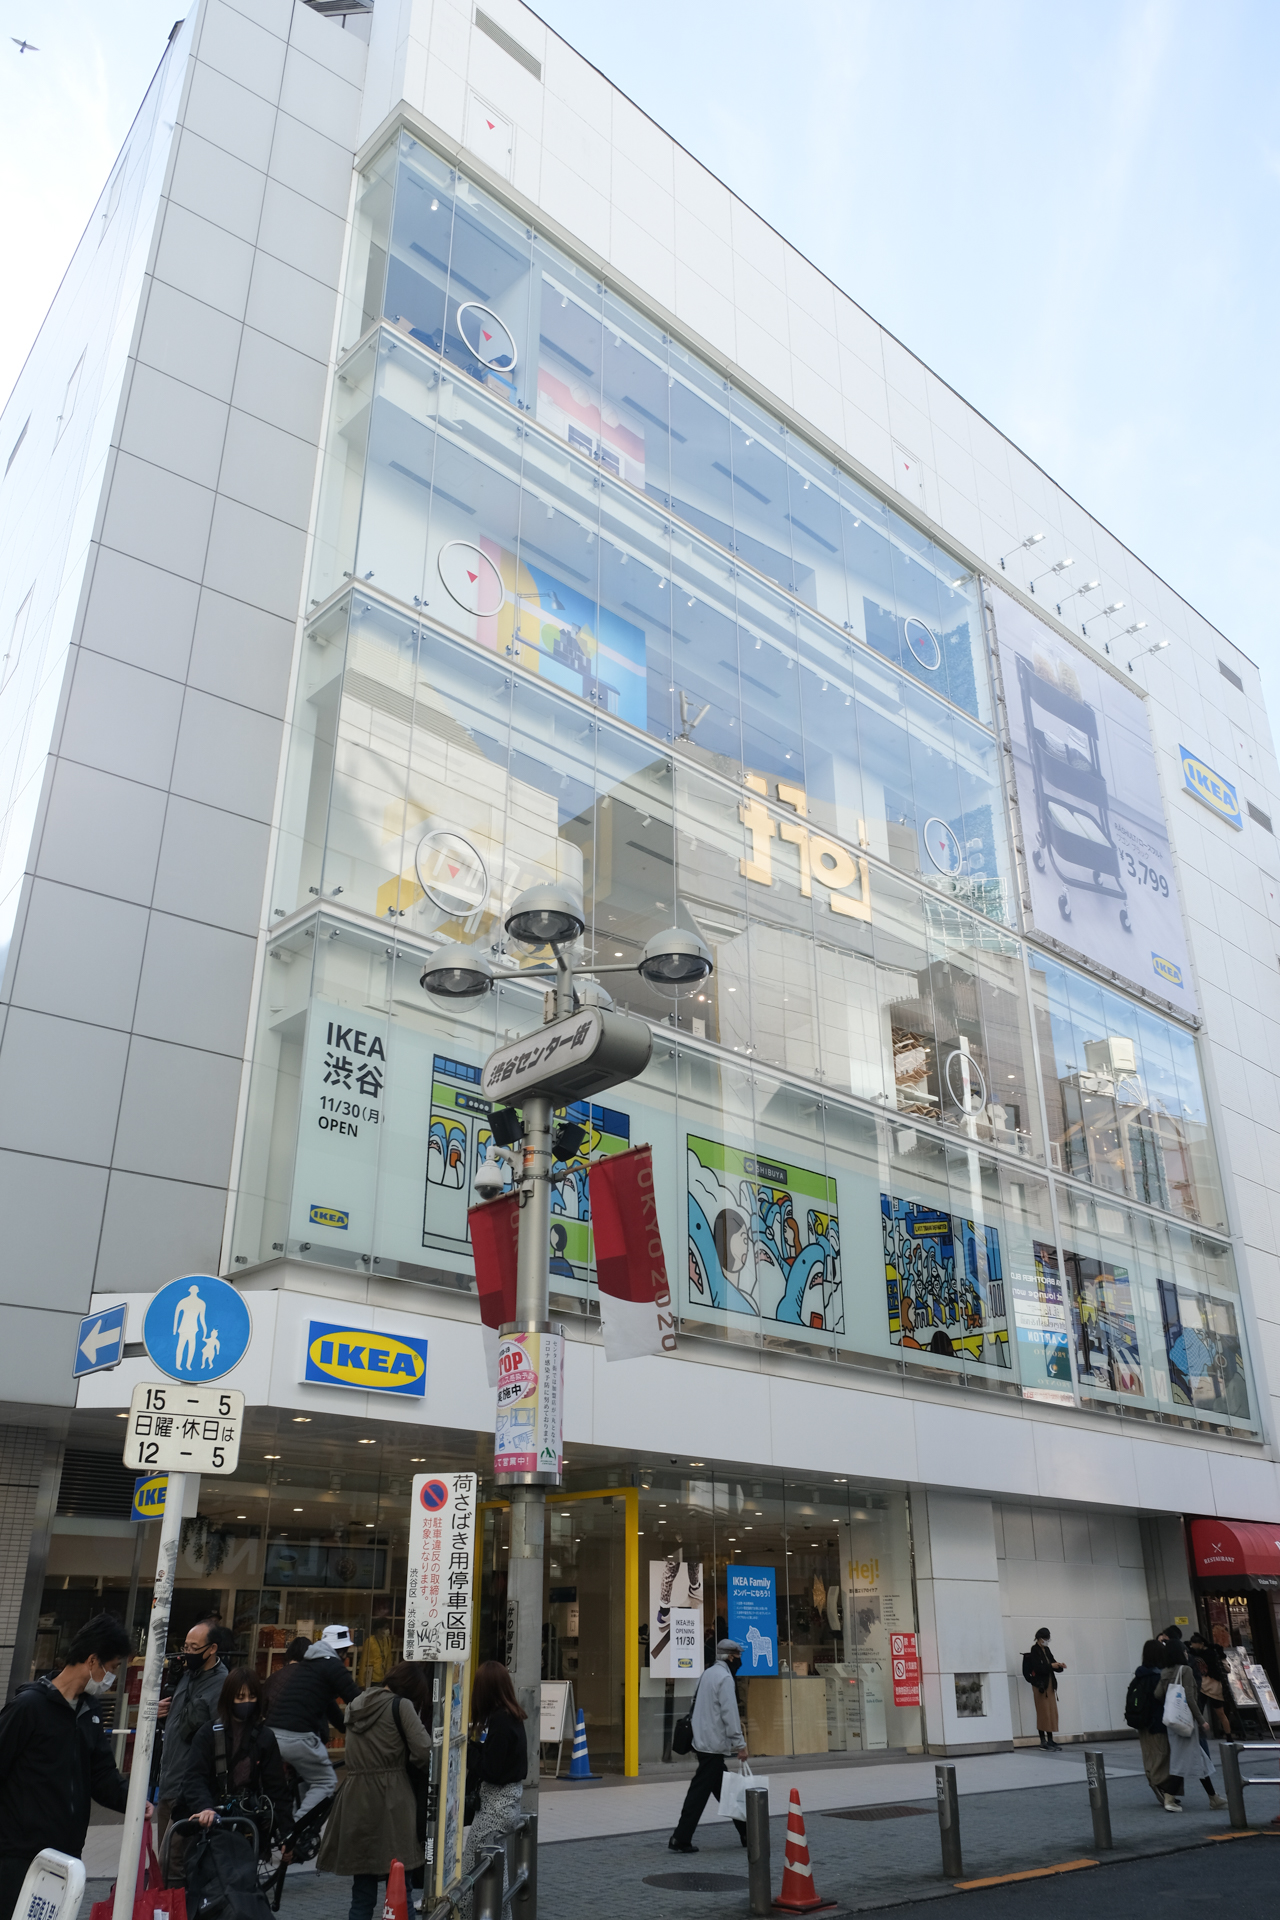 渋谷 ikea 【IKEA渋谷オープン】渋谷限定商品とグルメを現地ルポ〜世界のイケアで初のチェックポイントはここ!〜